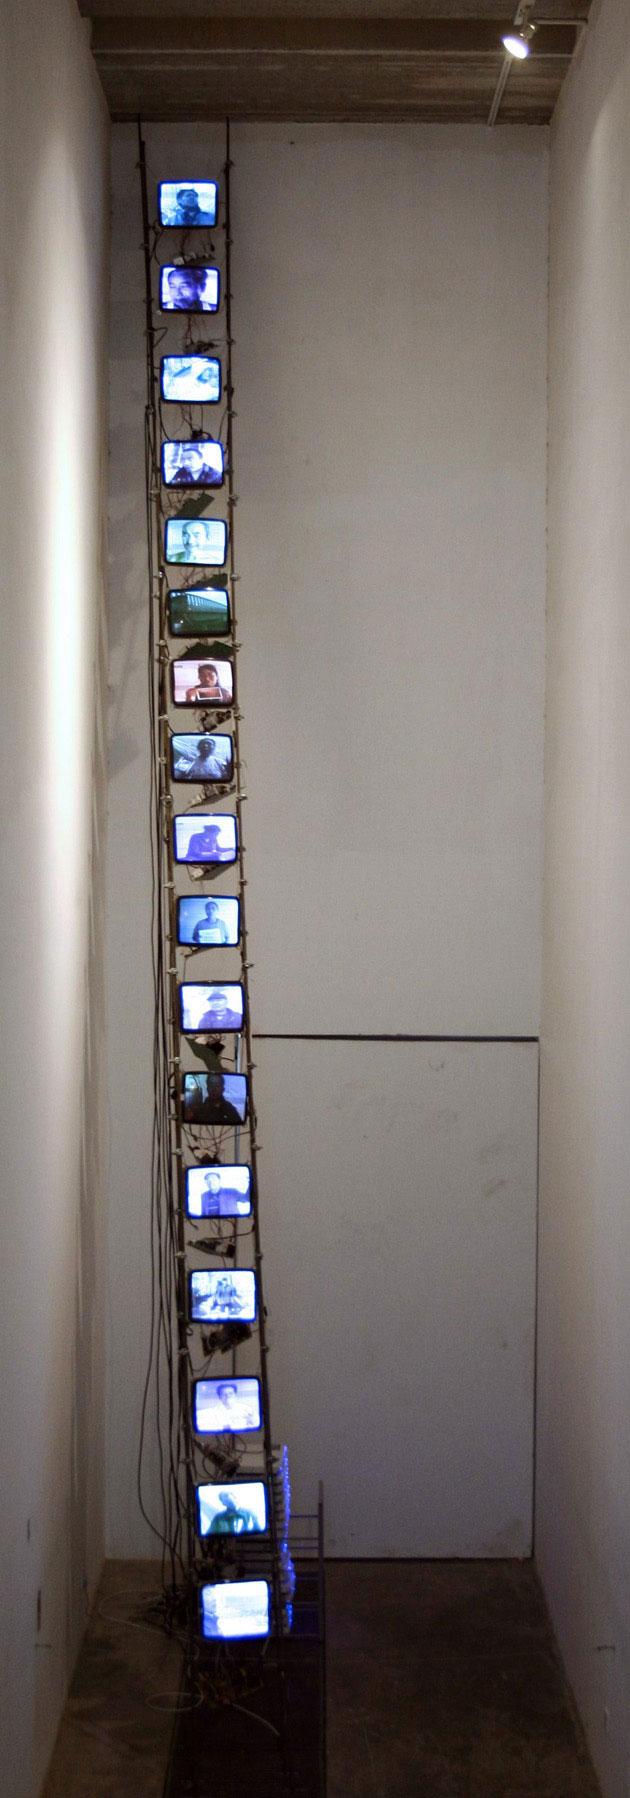 天, 刘卓泉, 录像装置, 2006